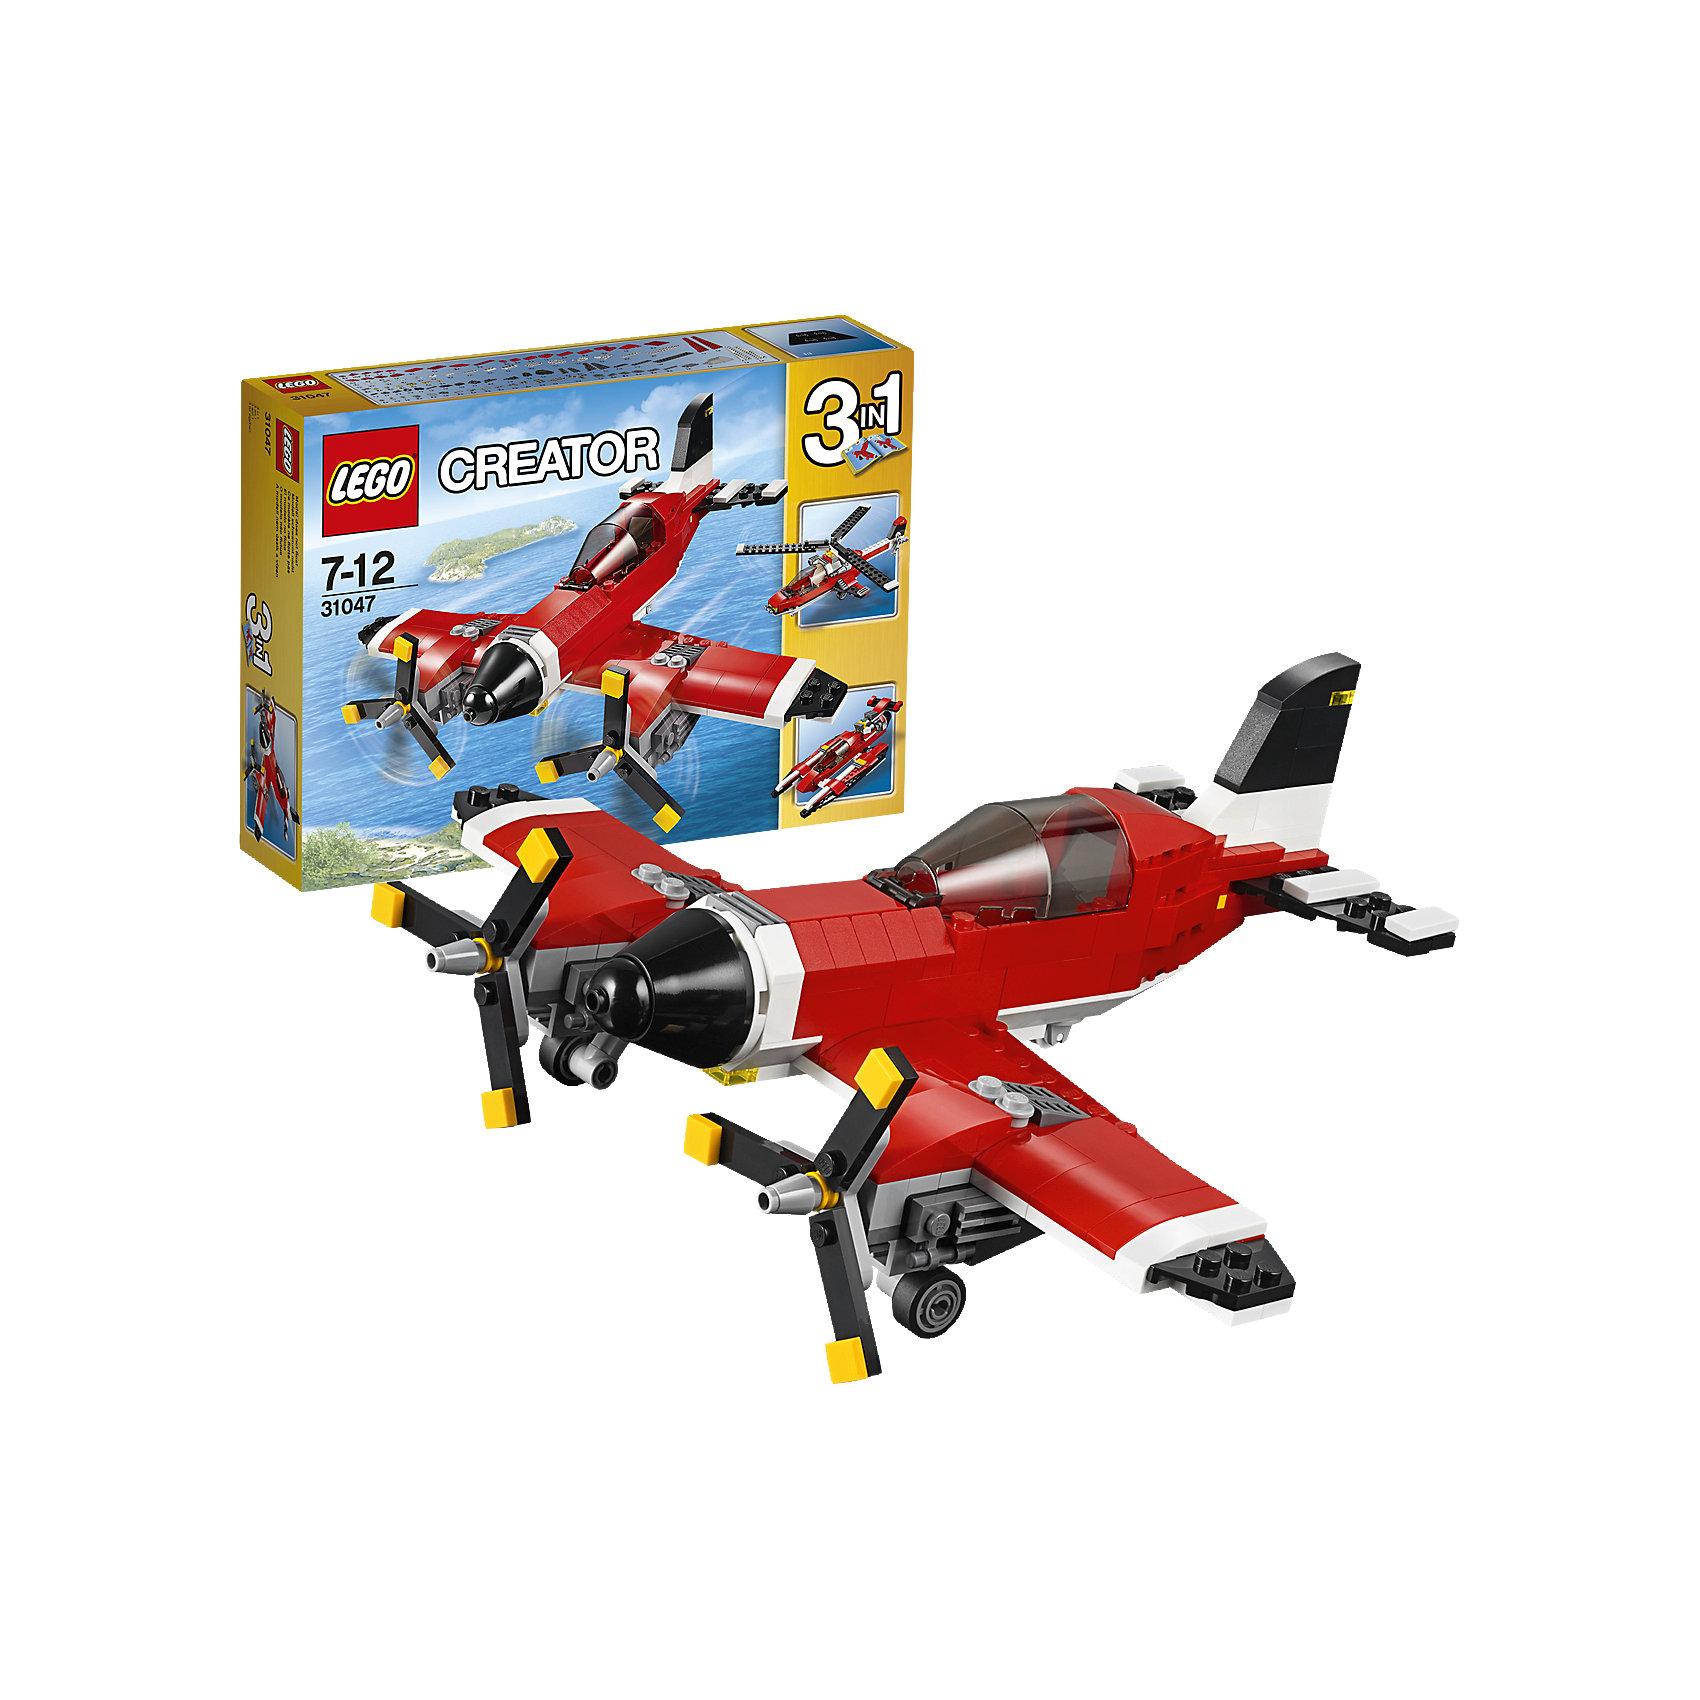 LEGO Creator 31047: Путешествие по воздухуПластмассовые конструкторы<br>Испытай этот классический самолёт, раскрашенный в красный, белый и черный цвета и оснащённый вращающимися винтами и открывающейся кабиной с местом для минифигурки (не входит в комплект). Прыгай в кабину, оставь взлётную полосу внизу и взлетай под облака. Когда полёт закончится, выпускай шасси, чтобы совершить идеальную посадку! Перестрой модель в высокотехнологичный гидроплан или вертолёт.<br><br>LEGO Creator (Лего Криэйтор) - серия конструкторов Лего, с помощью которых можно создать самые невероятные и детализированные постройки, оригинальных героев, необыкновенные транспортные средства. Из деталей одного набора можно построить несколько разных моделей. С конструкторами Лего Криэйтор ребёнок сможет каждый день придумывать новые игровые сюжеты, создавать фантастический мир, воплощая фантазии в реальность.  <br><br>Дополнительная информация:<br><br>- Конструкторы ЛЕГО развивают усидчивость, внимание, фантазию и мелкую моторику. <br>- Комплектация: самолет.<br>- Количество деталей: 230<br>- Серия LEGO Creator (Лего Криэйтор).<br>- Материал: пластик.<br>- Размер упаковки: 26х6х19 см.<br>- Вес: 0.402  кг.<br><br>LEGO Creator 31047: Путешествие по воздуху можно купить в нашем магазине.<br><br>Ширина мм: 263<br>Глубина мм: 190<br>Высота мм: 66<br>Вес г: 412<br>Возраст от месяцев: 84<br>Возраст до месяцев: 144<br>Пол: Мужской<br>Возраст: Детский<br>SKU: 4259024